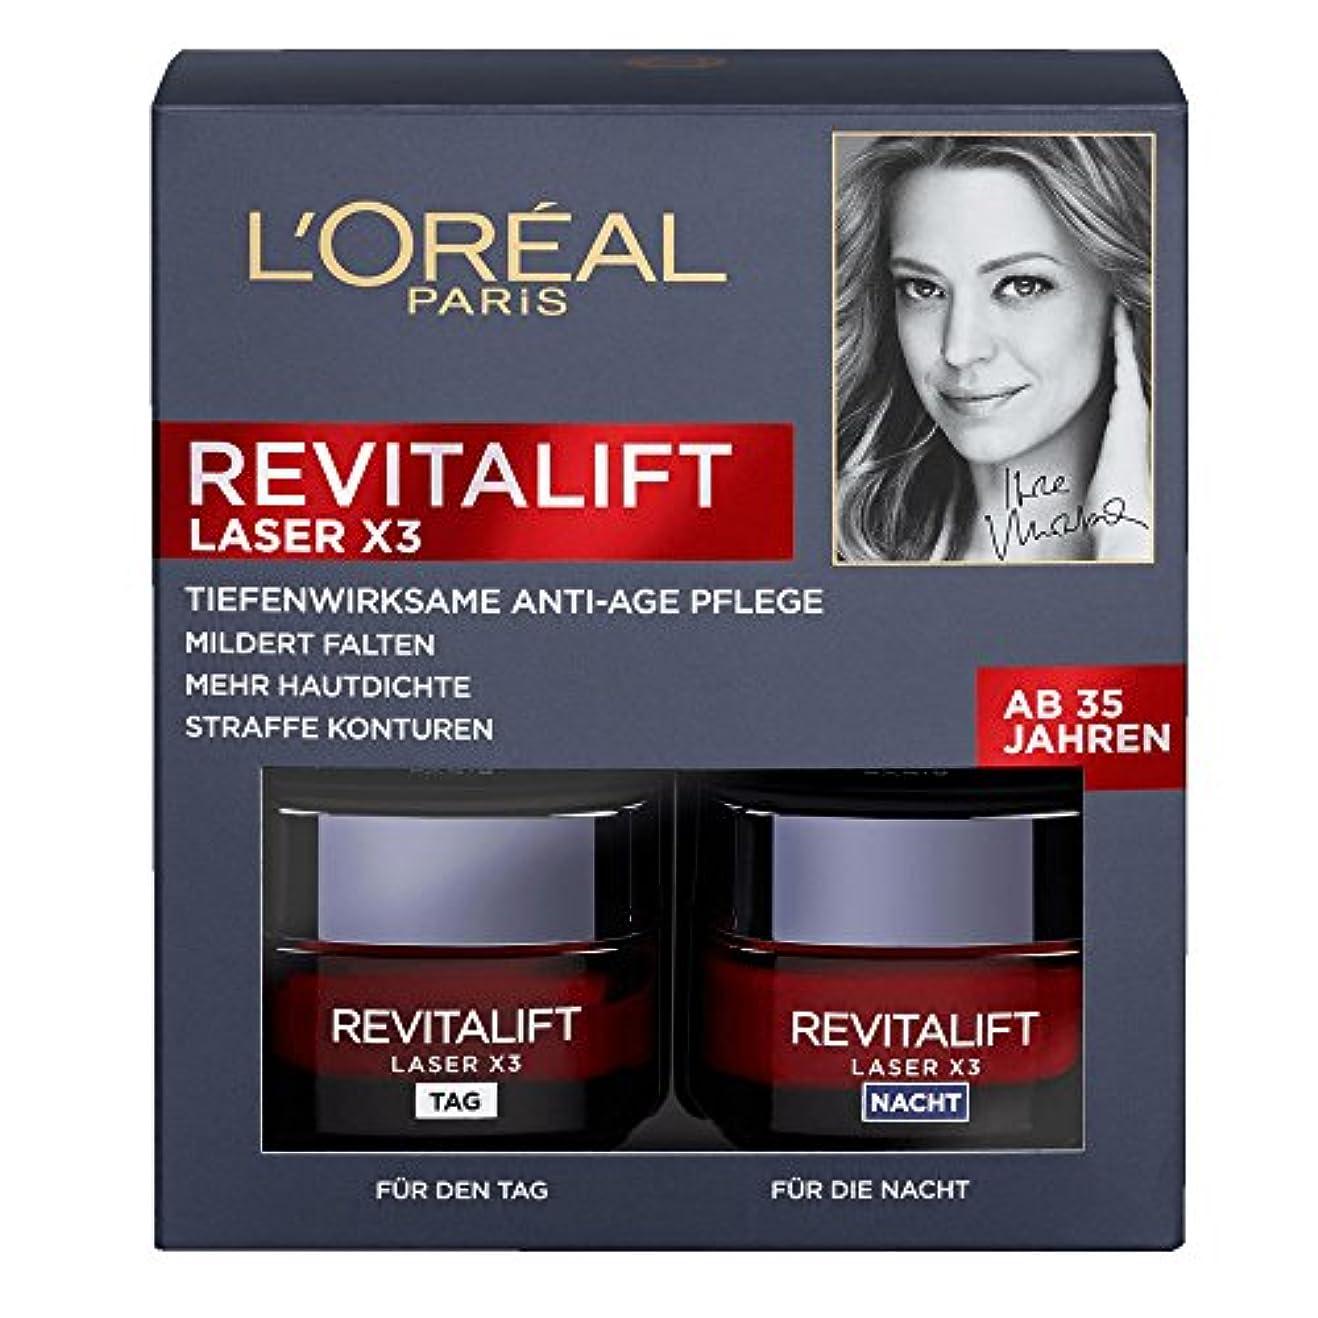 然としたヒロイック安定したロレアル パリ リバイタリフト レーザーX3 ナイトクリームマスク L'Oreal Revitalift Laser Anti-Age LaserX3 Night Cream+Day Cream Set [並行輸入品]